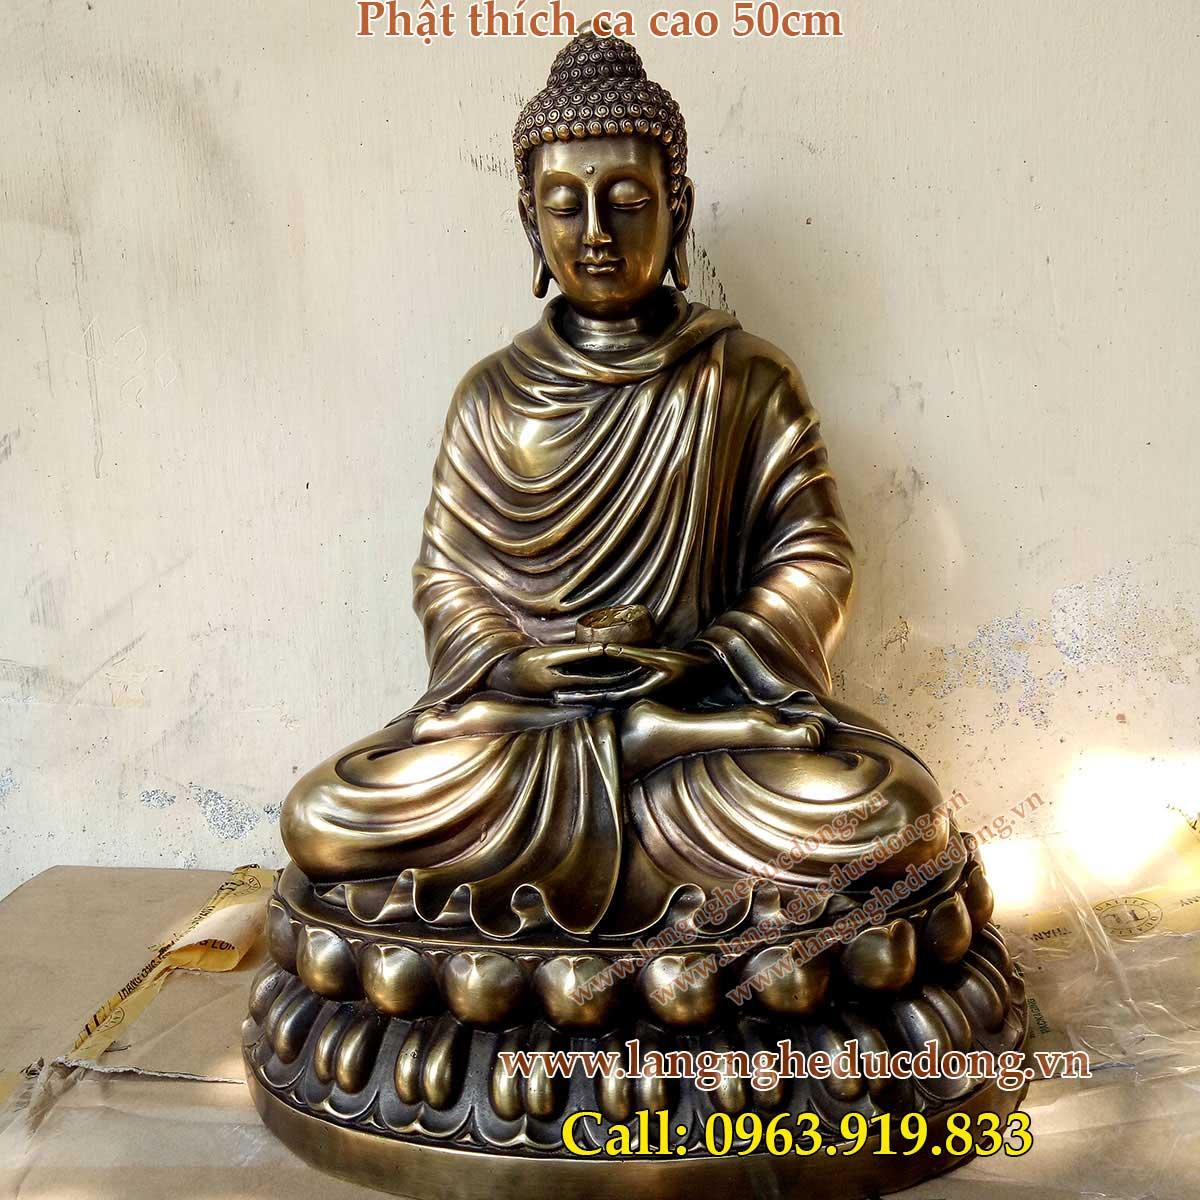 langngheducdong.vn - mẫu tượng phật thích ca cao 50cm, tượng thích ca bằng đồng